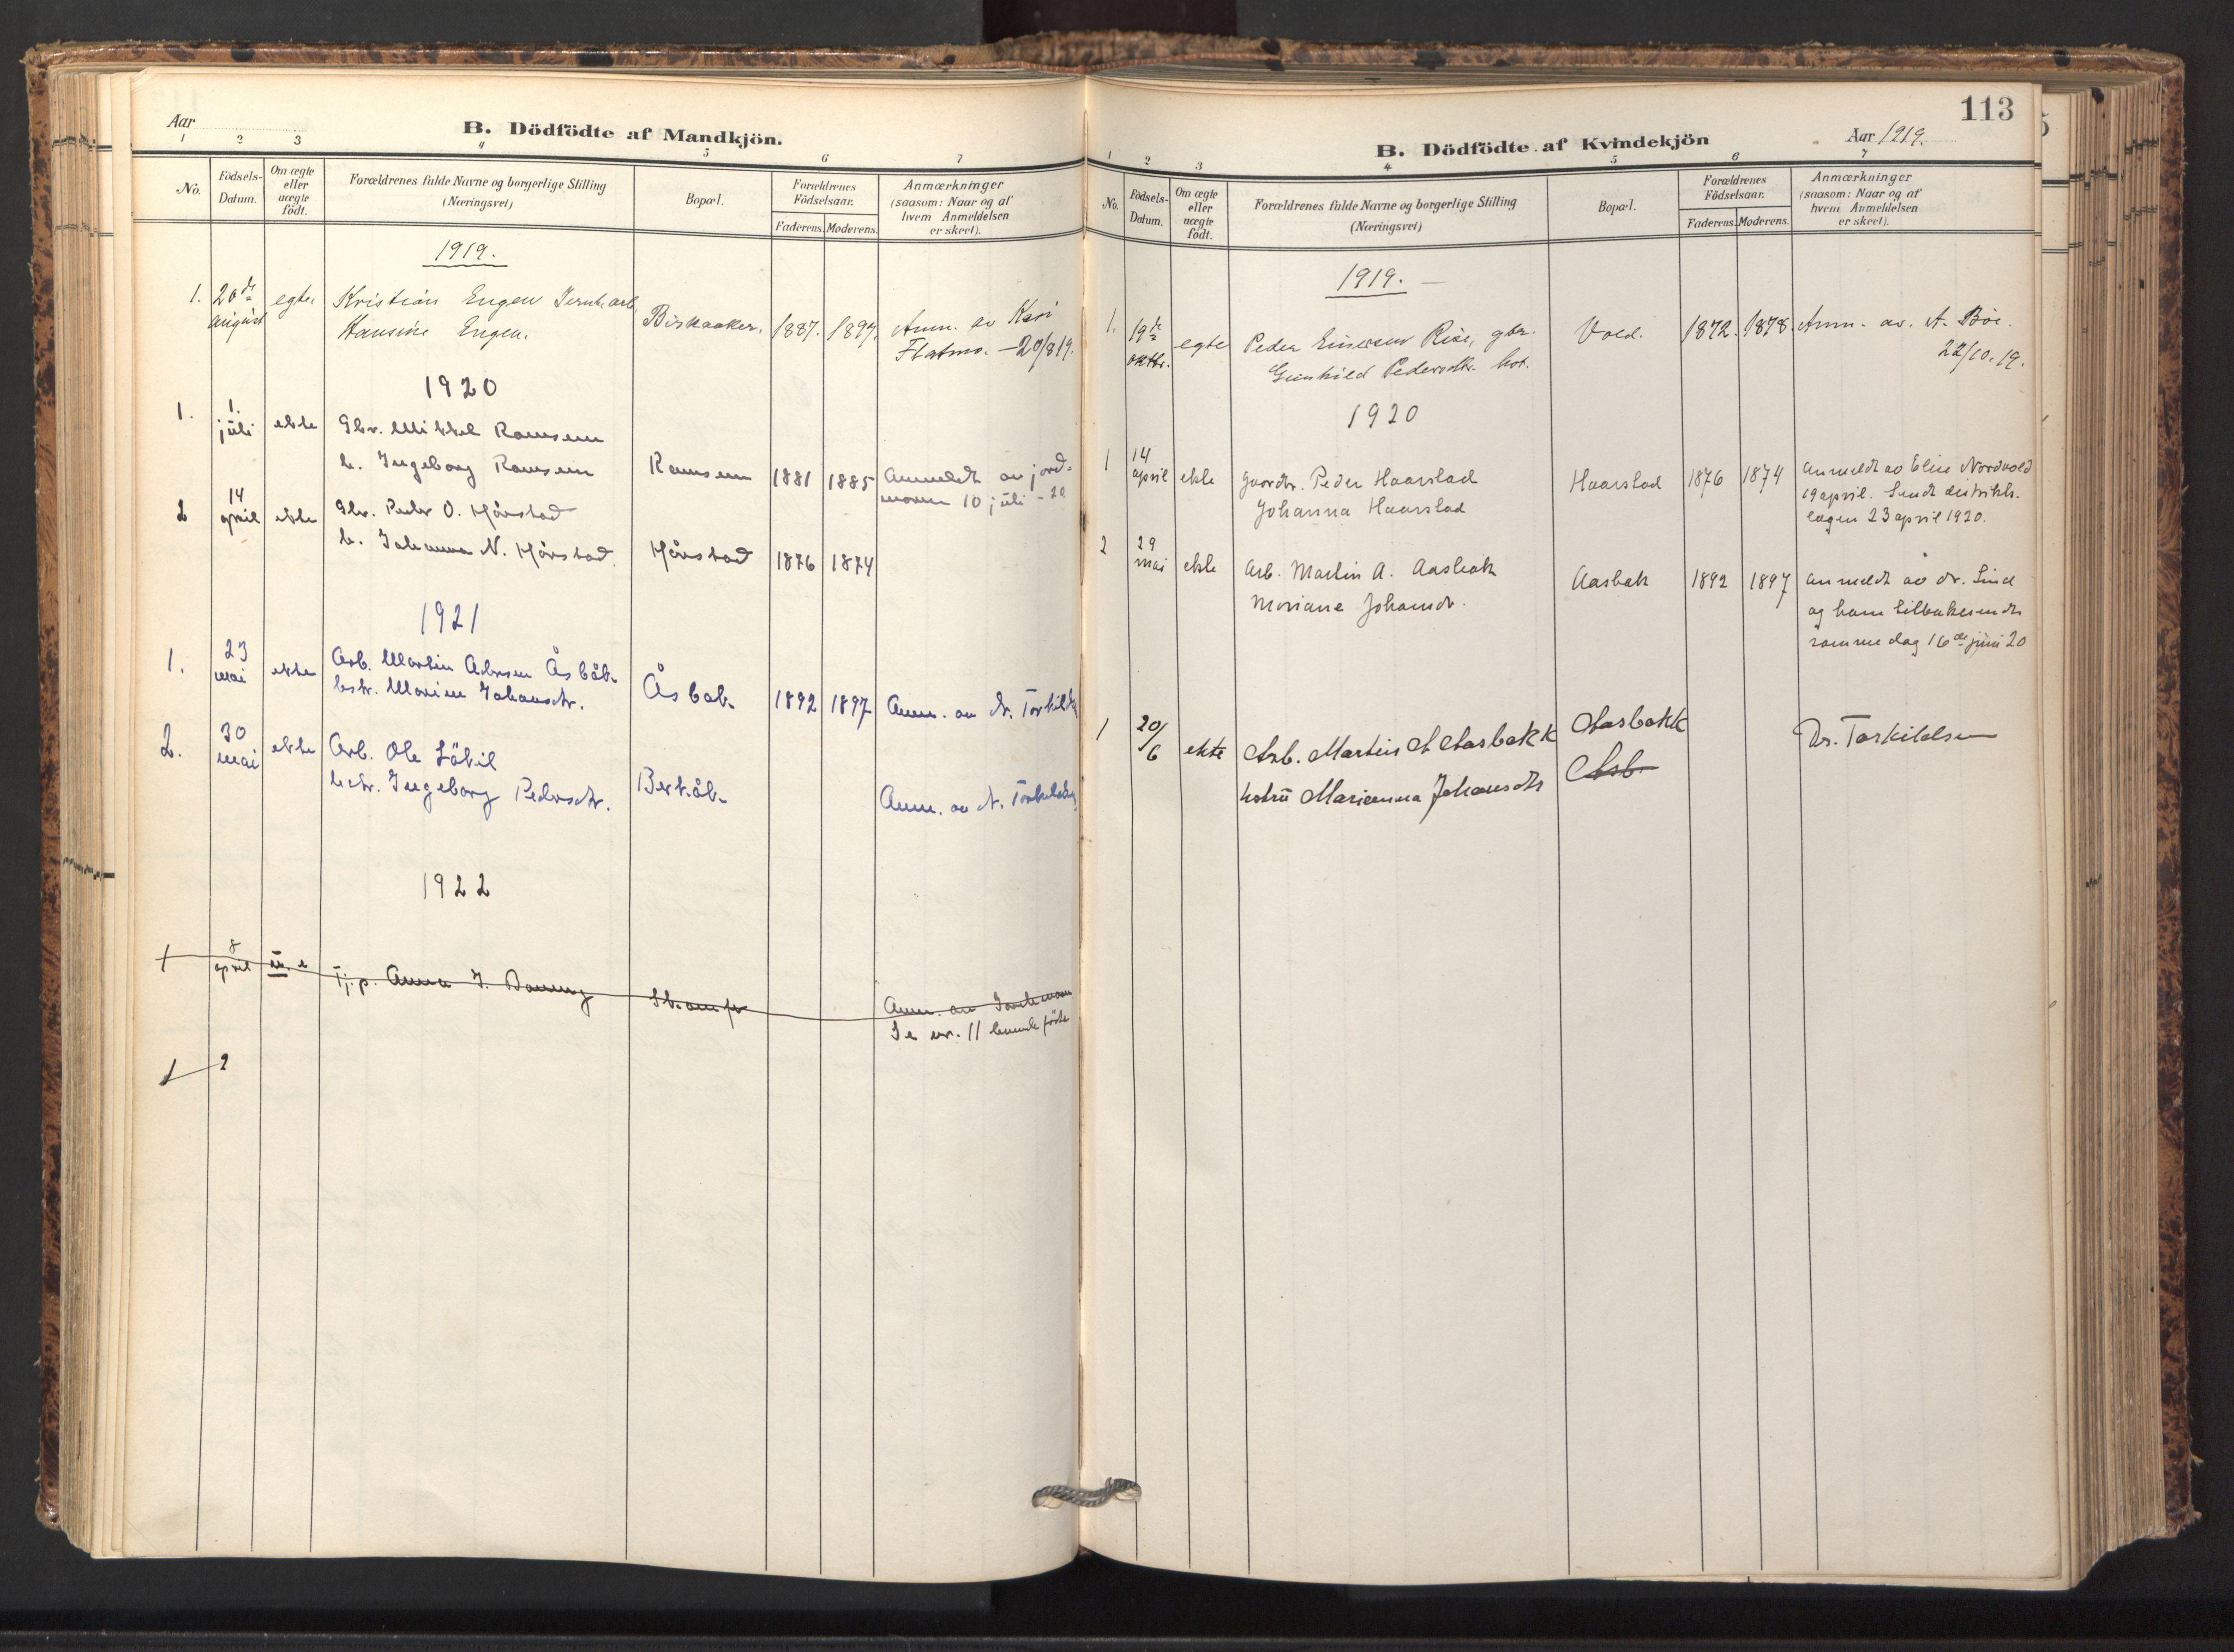 SAT, Ministerialprotokoller, klokkerbøker og fødselsregistre - Sør-Trøndelag, 674/L0873: Ministerialbok nr. 674A05, 1908-1923, s. 113